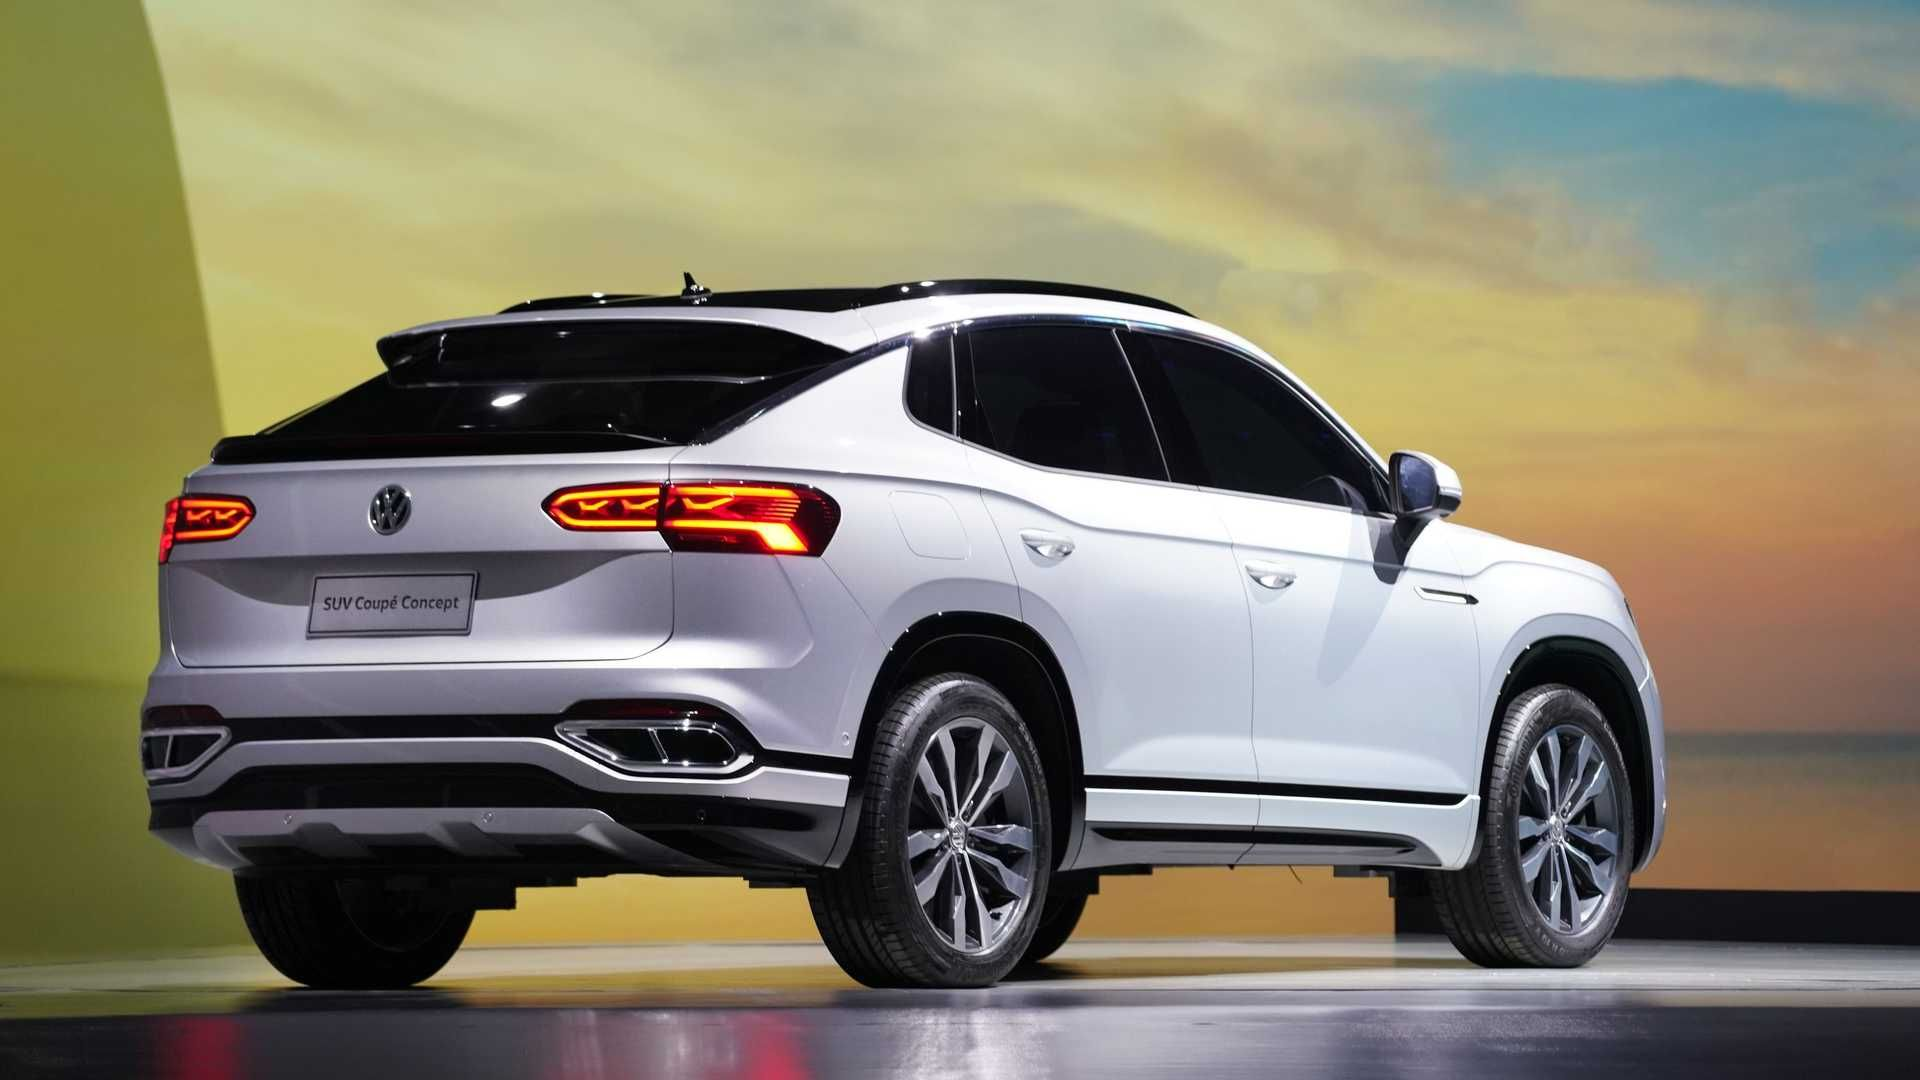 O SUV Coupé Concept apresentado no Salão de Xangai 2019 e que parece servir de inspiração para o T-Sport. Foto: Divulgação